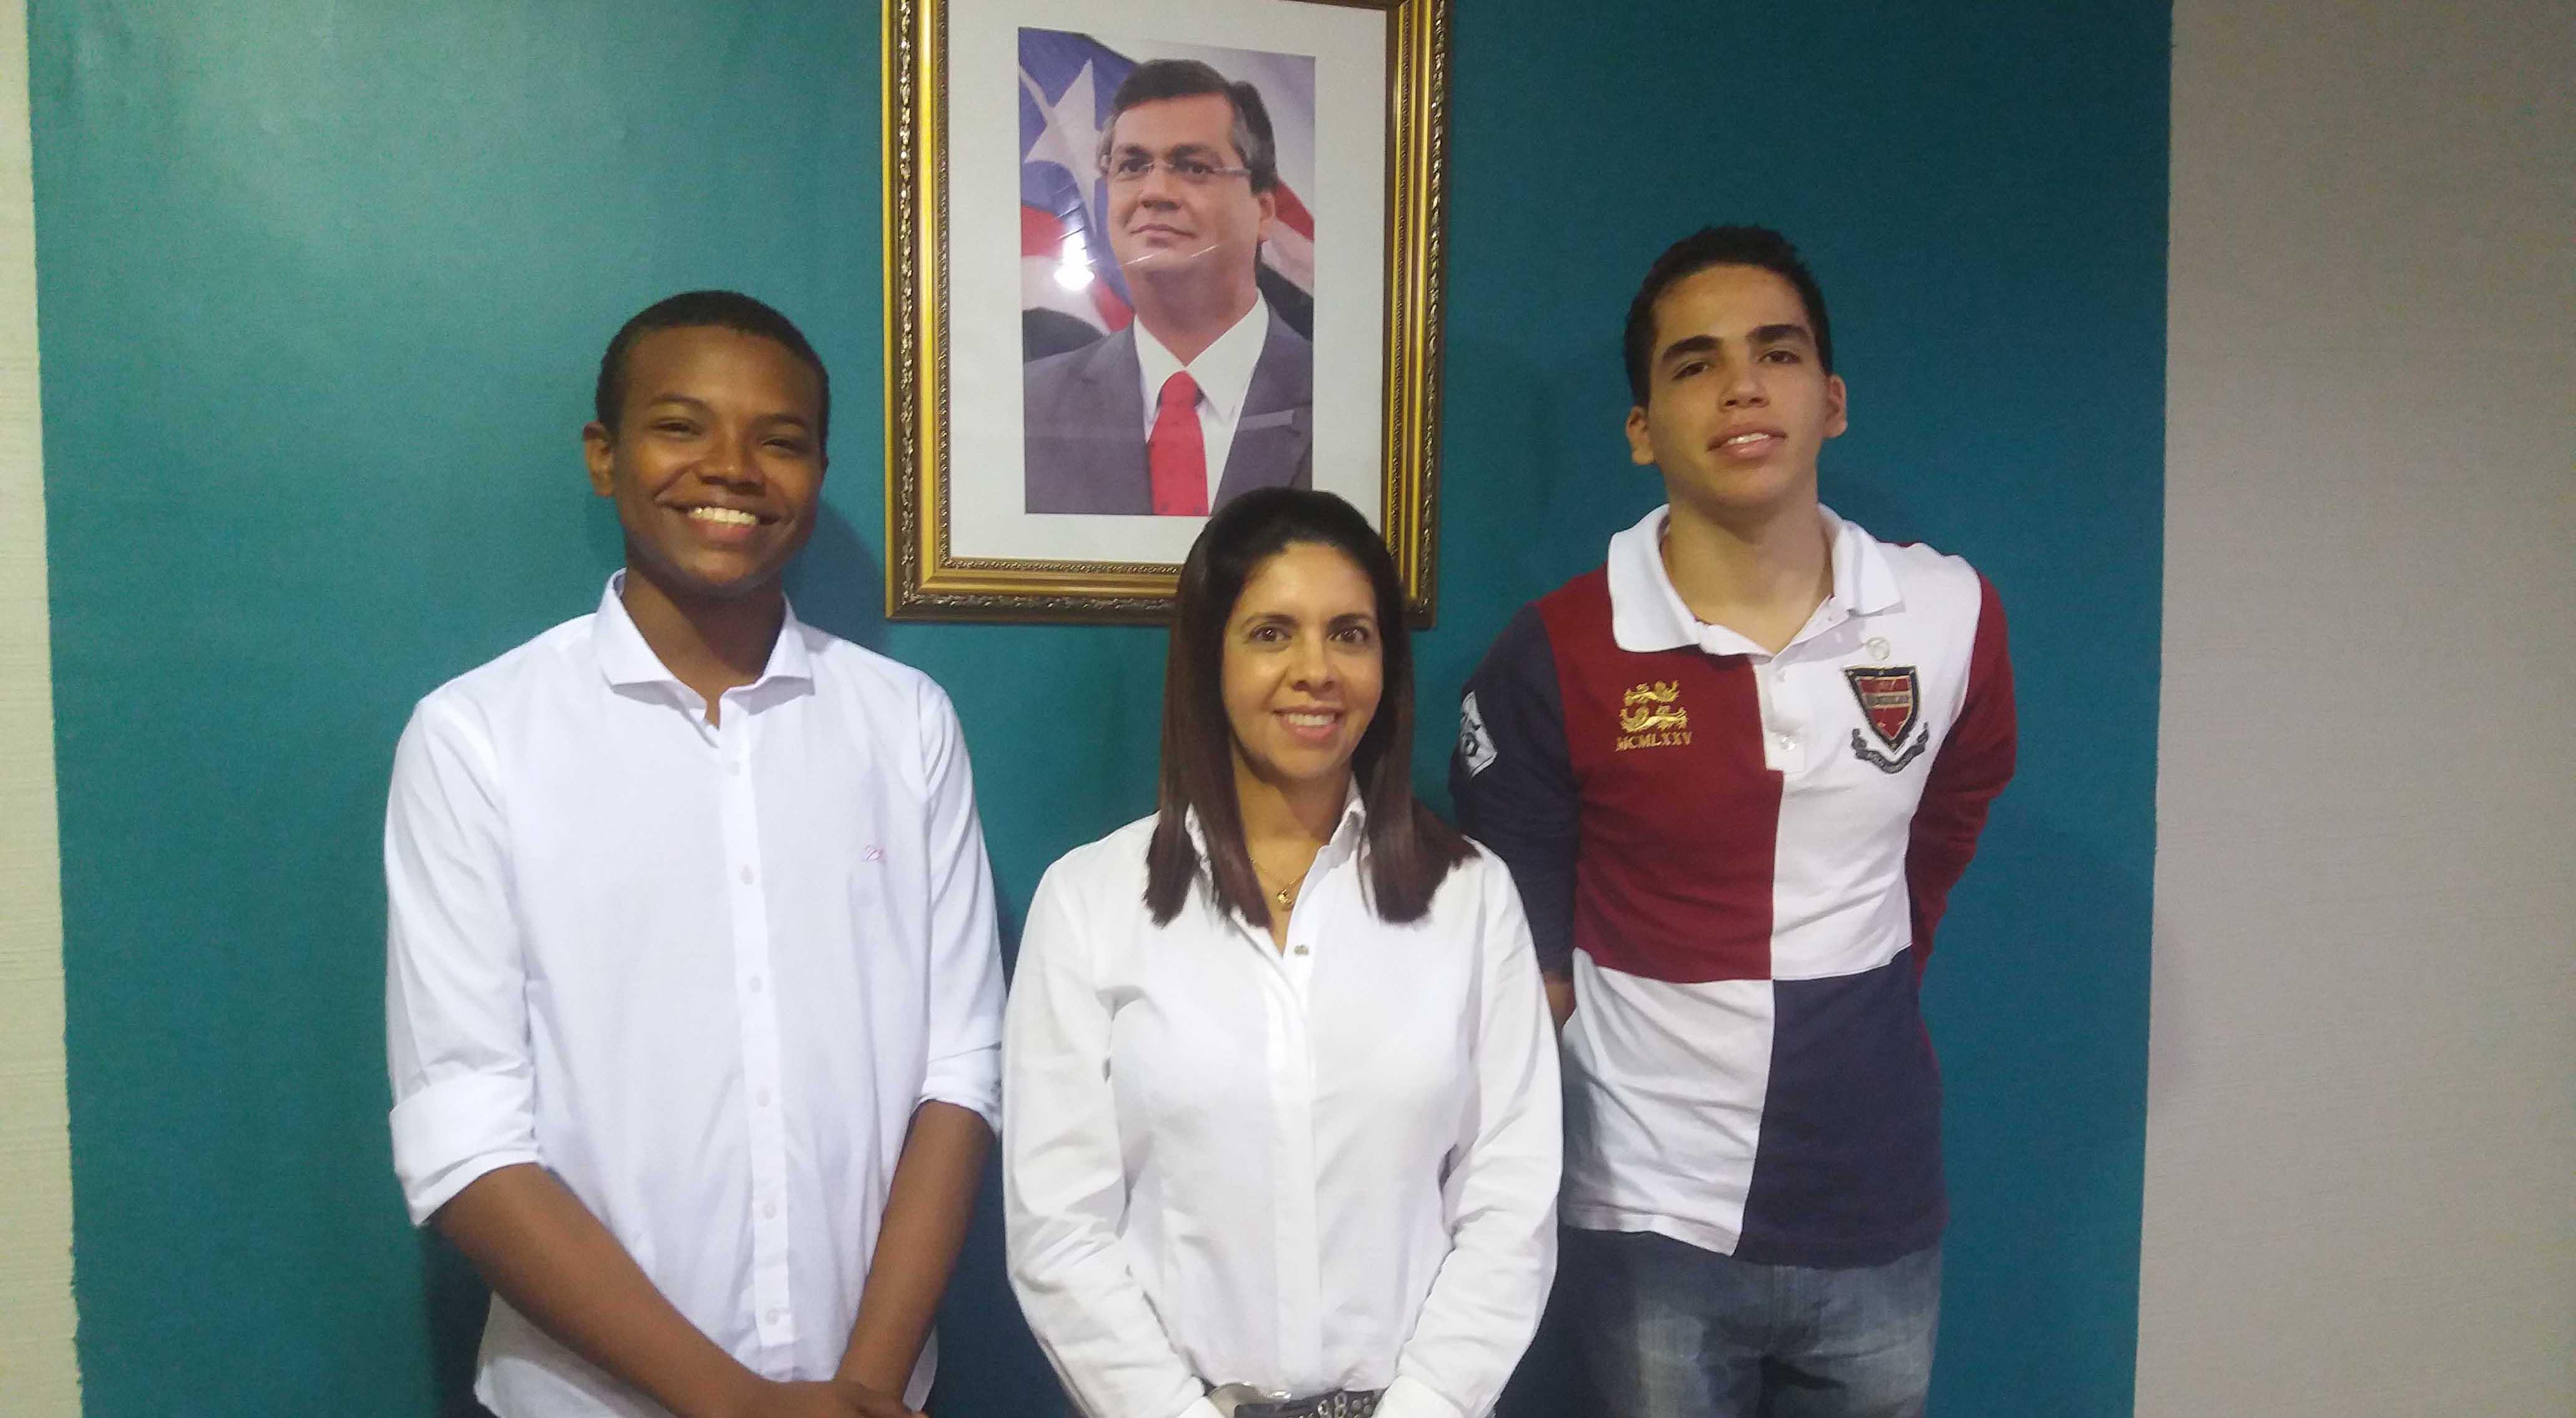 Foto 1 Três estudantes maranhenses representarão Maranhão no Parlamento Jovem Brasileiro em Brasília